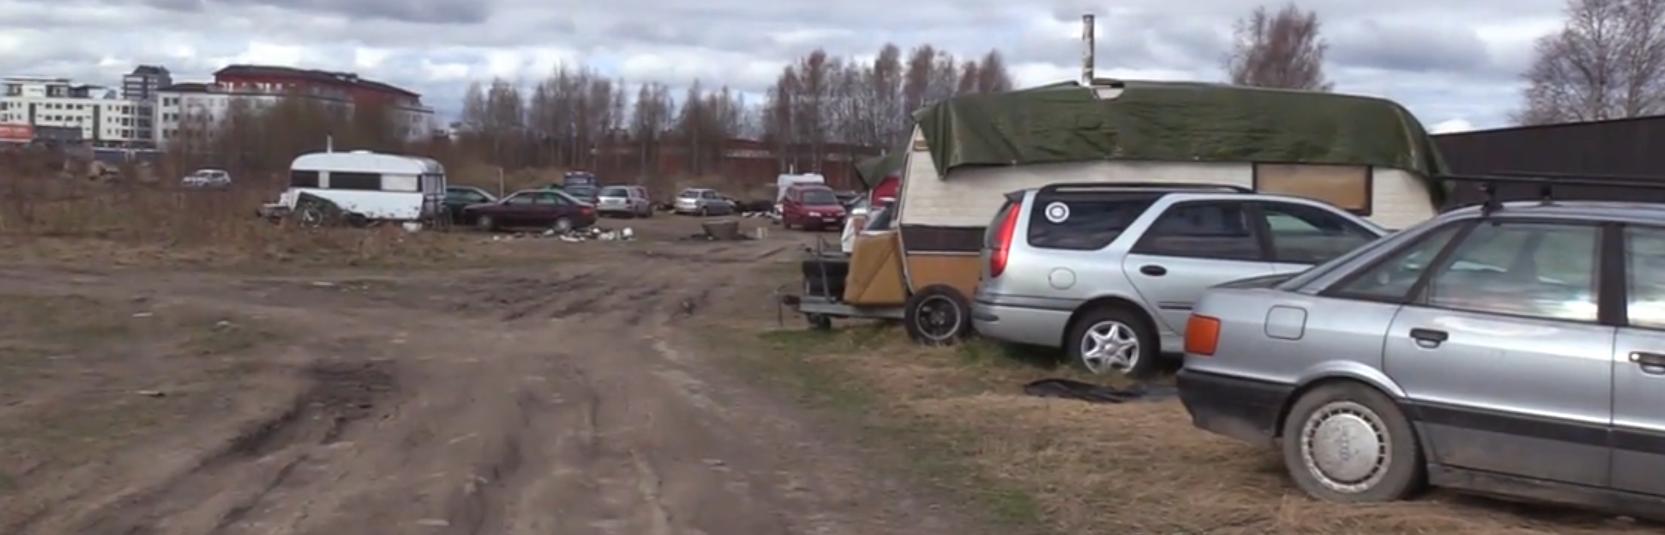 EU-migranternas bosättning i Gävle